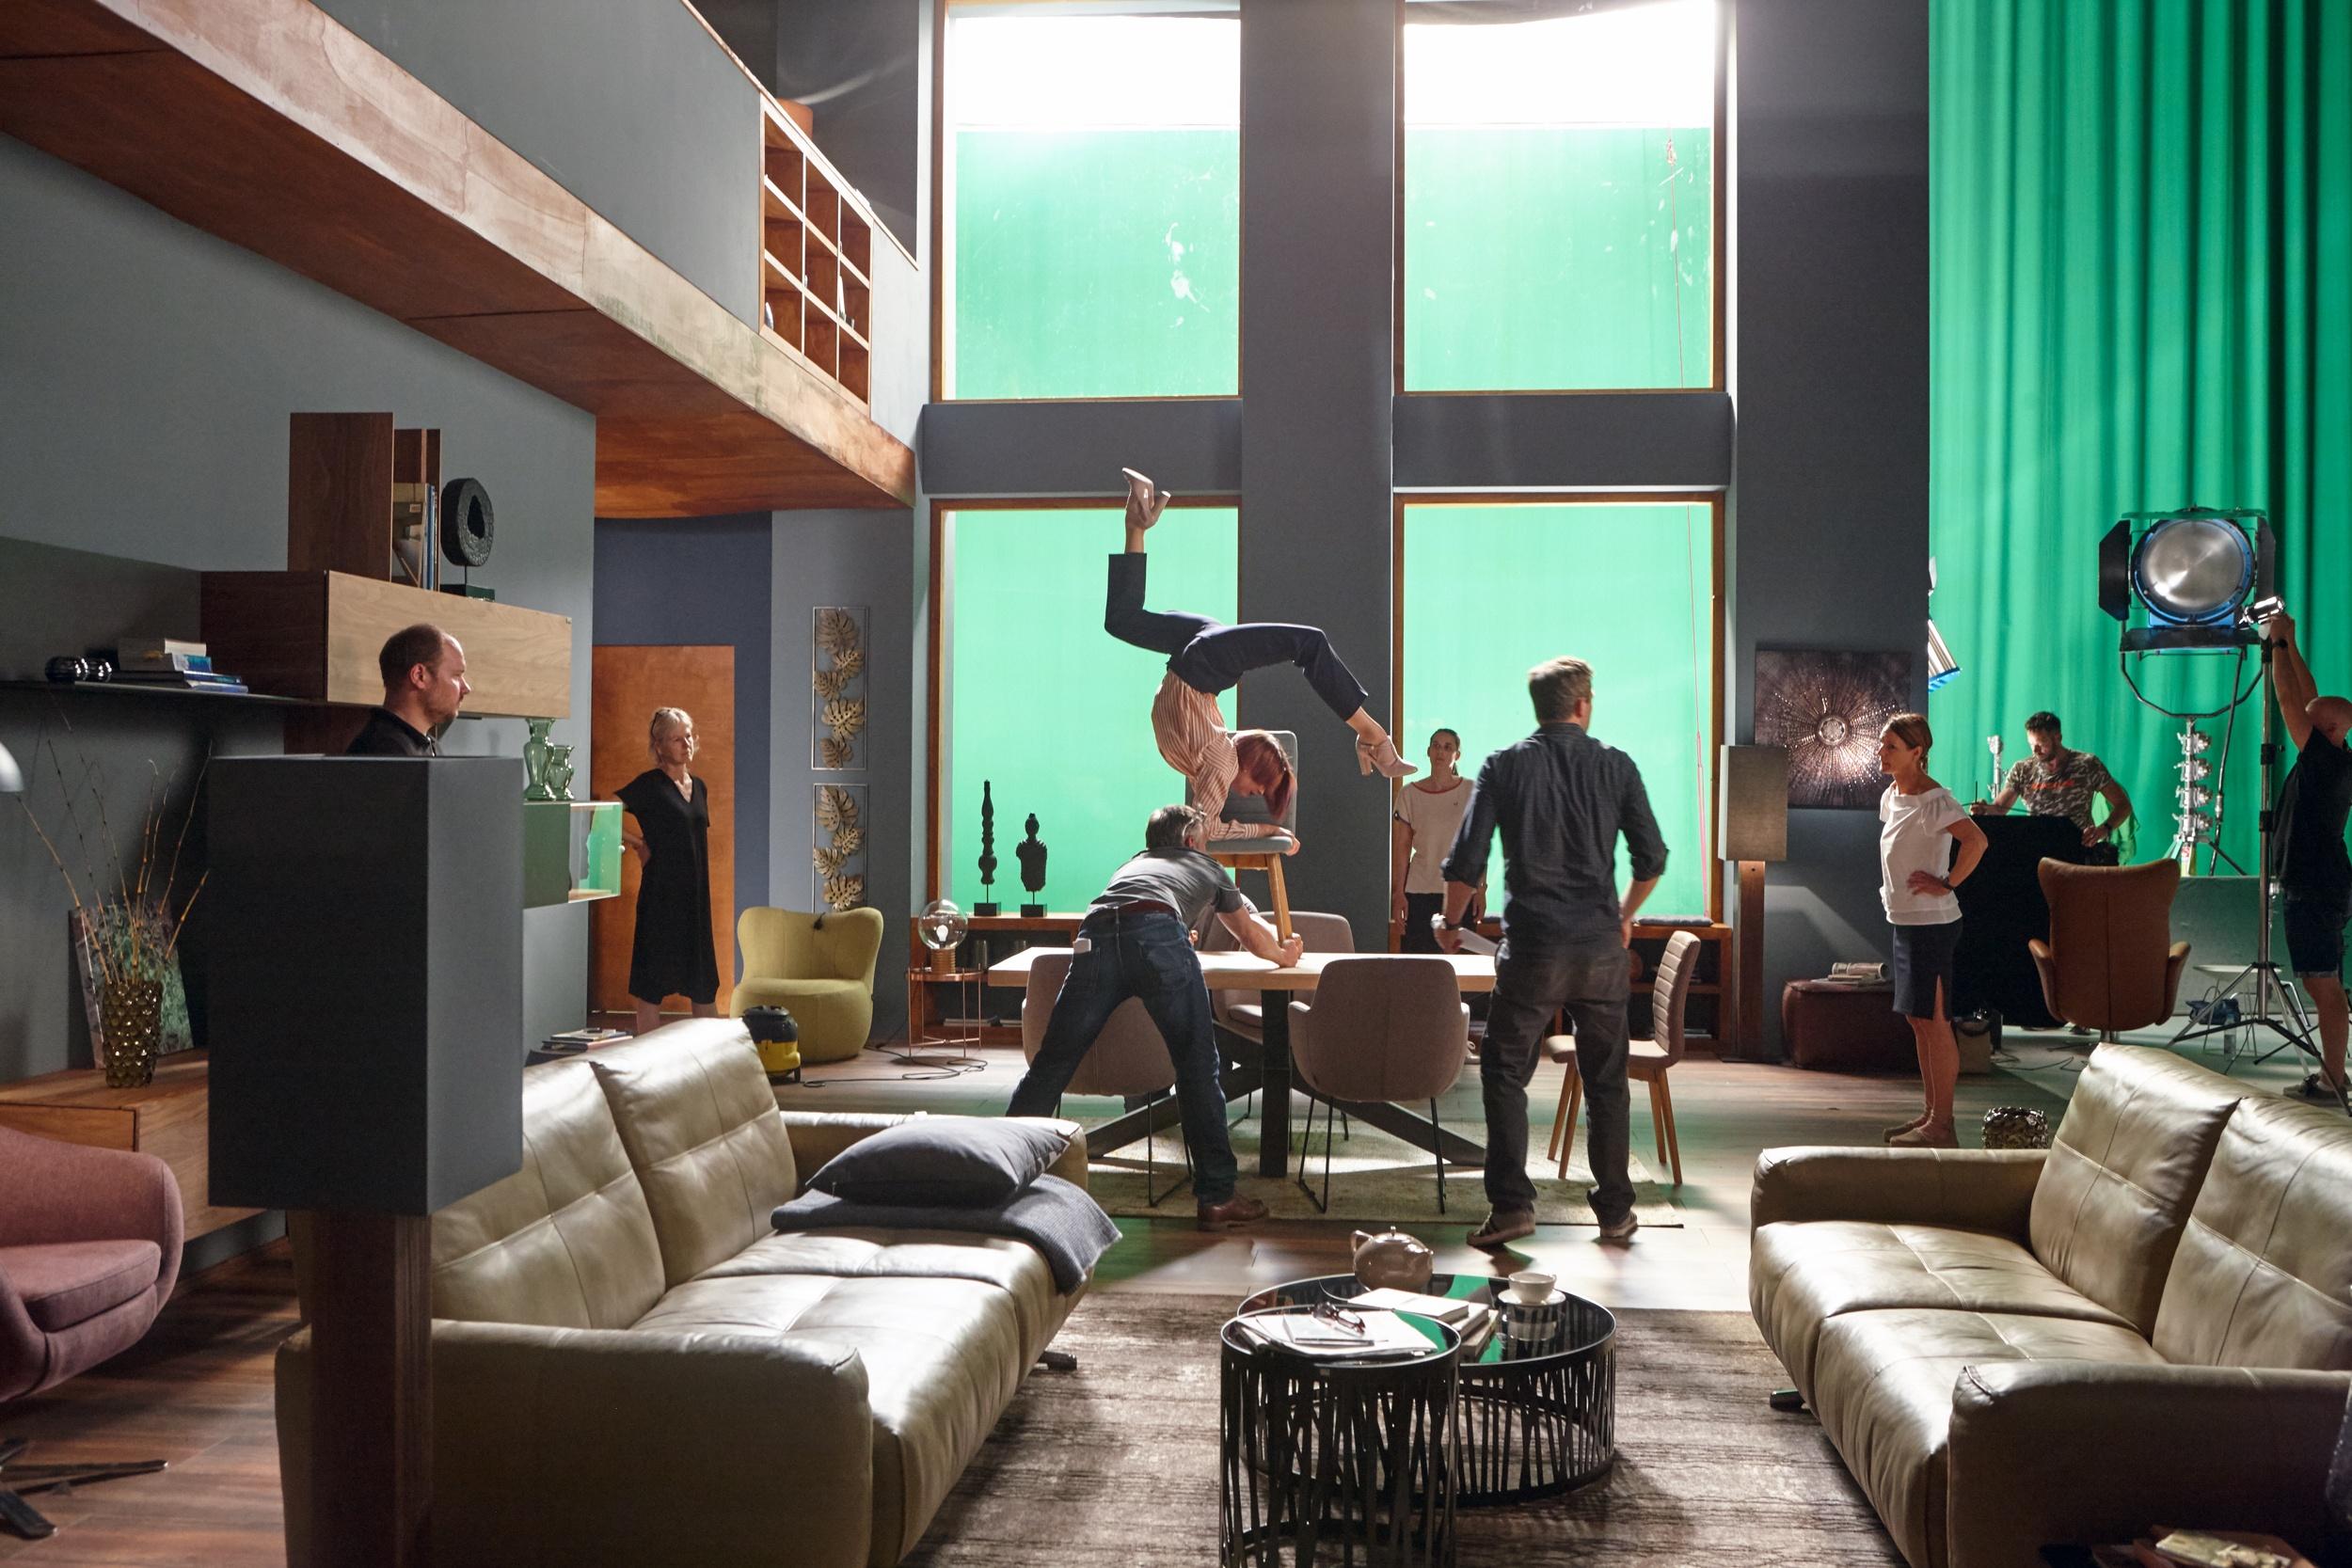 TV-Spot-Making-Of_089.jpg